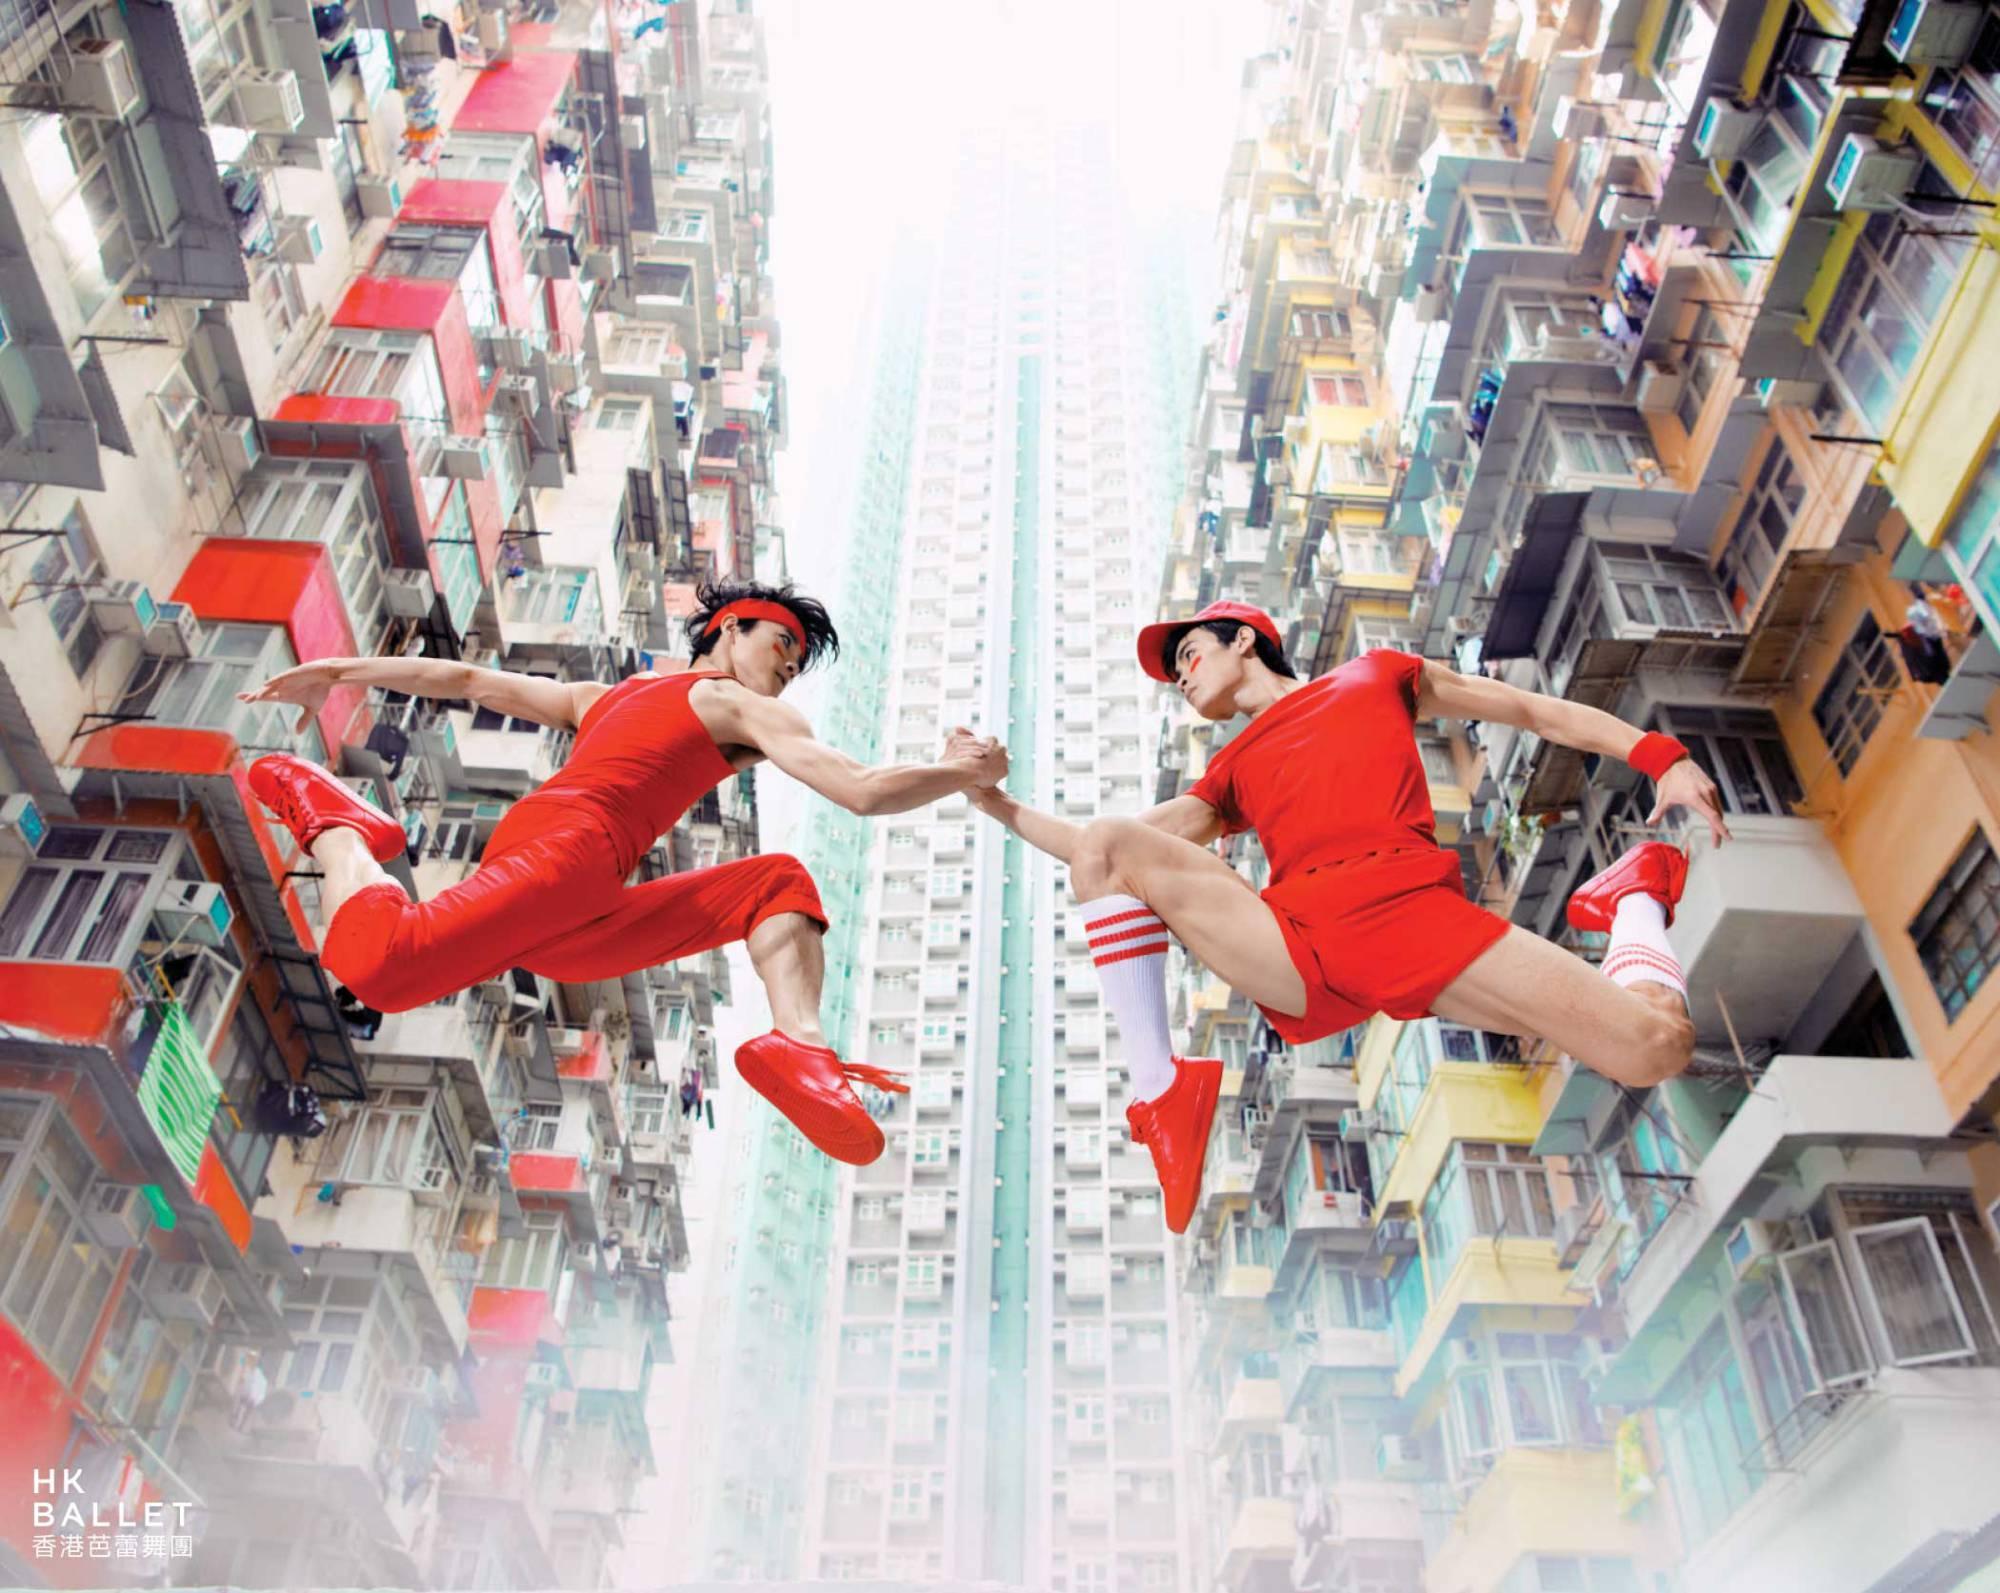 Яркая рекламная кампания Гонконгского балета